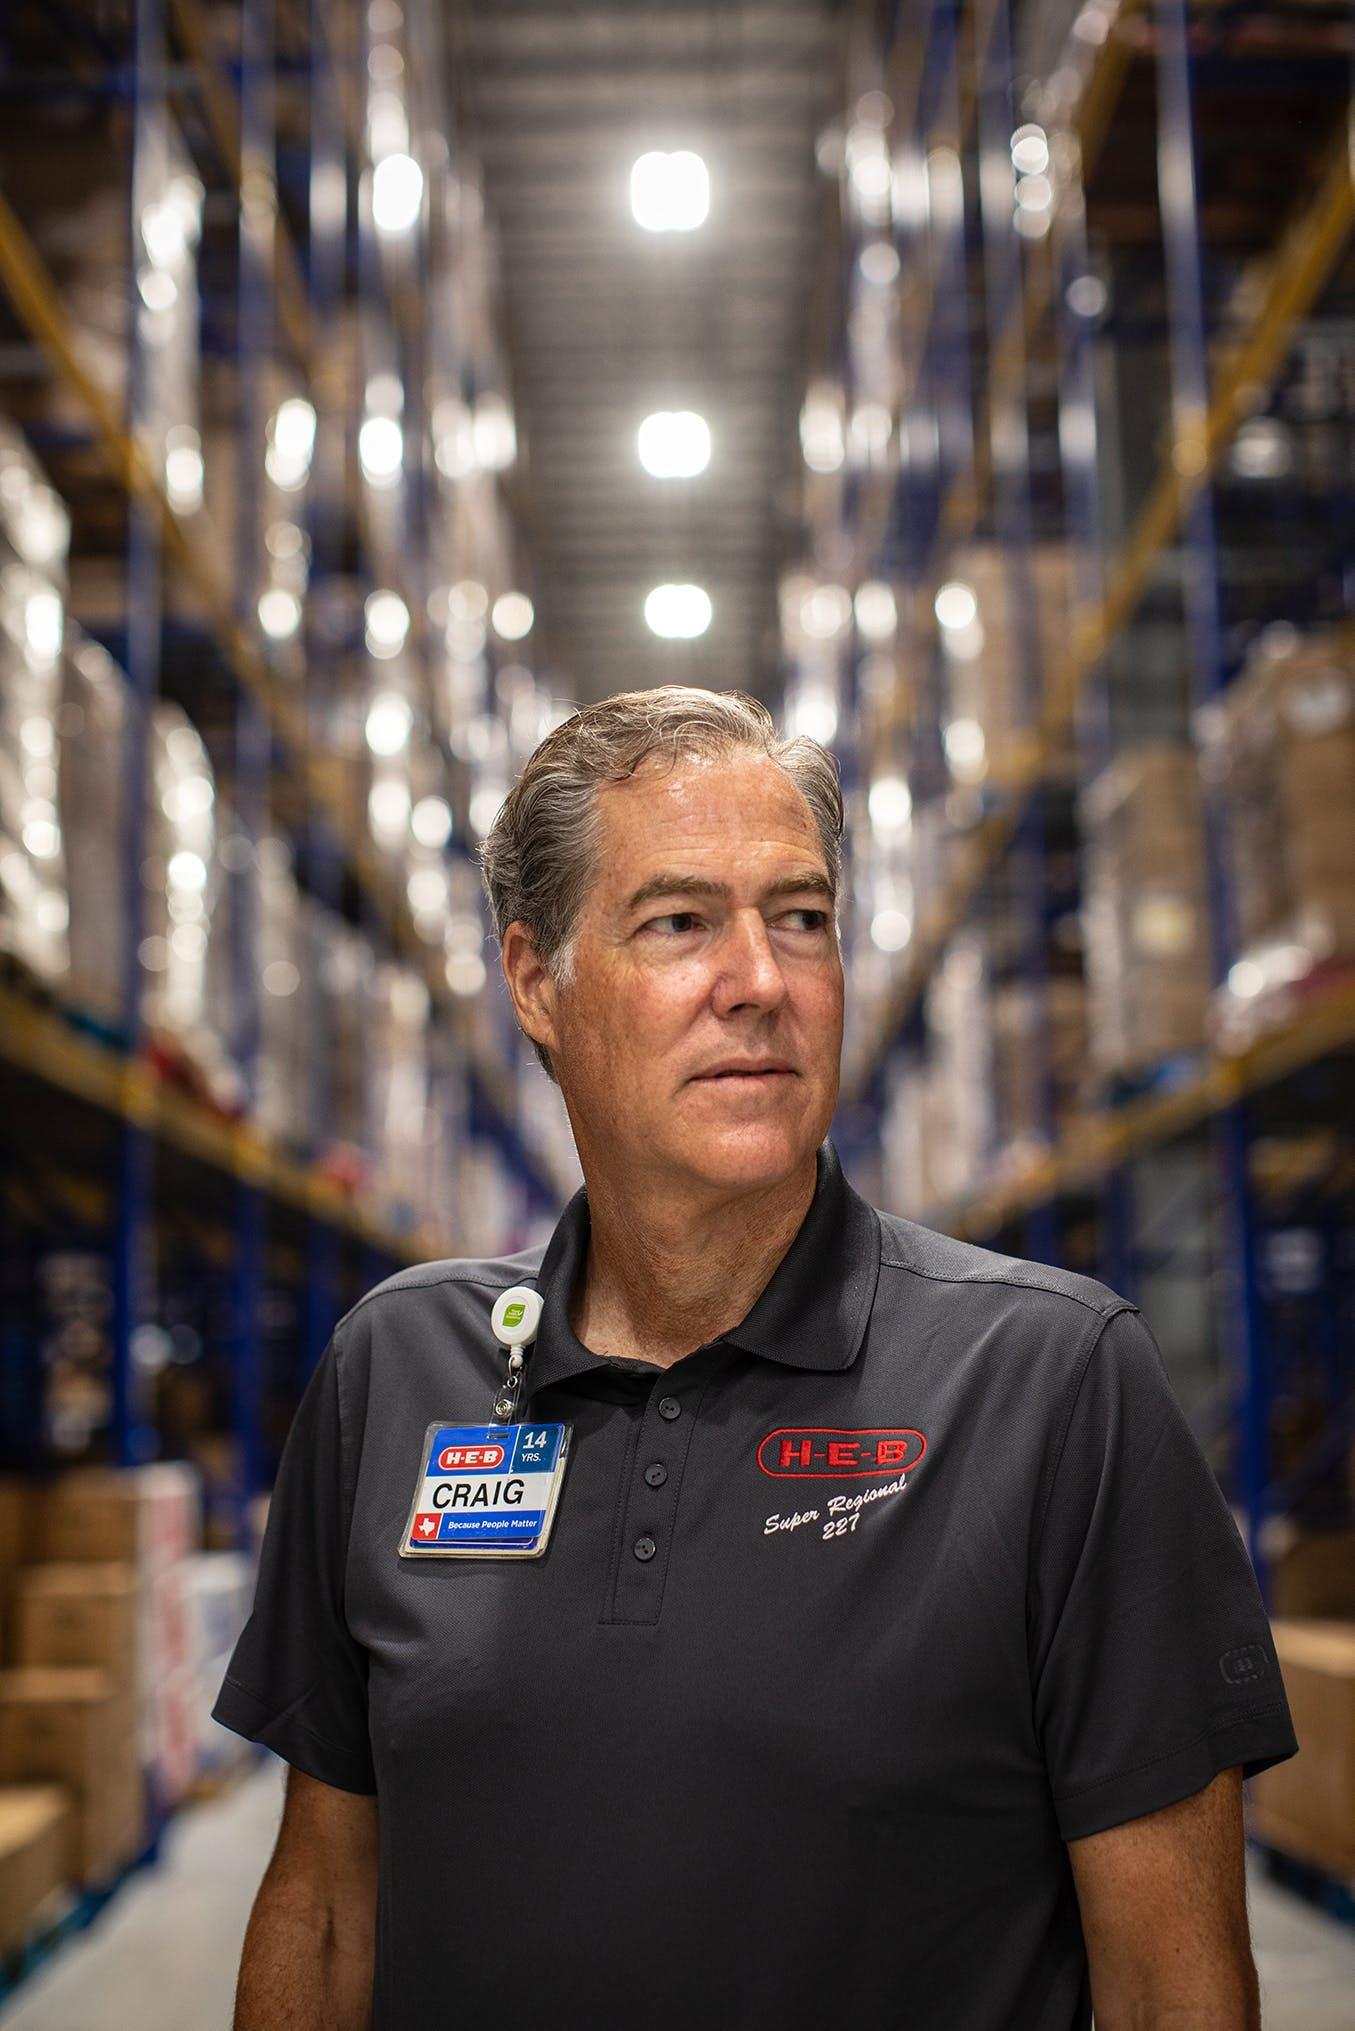 Craig Boyan at HEB Warehouse in San Antonio